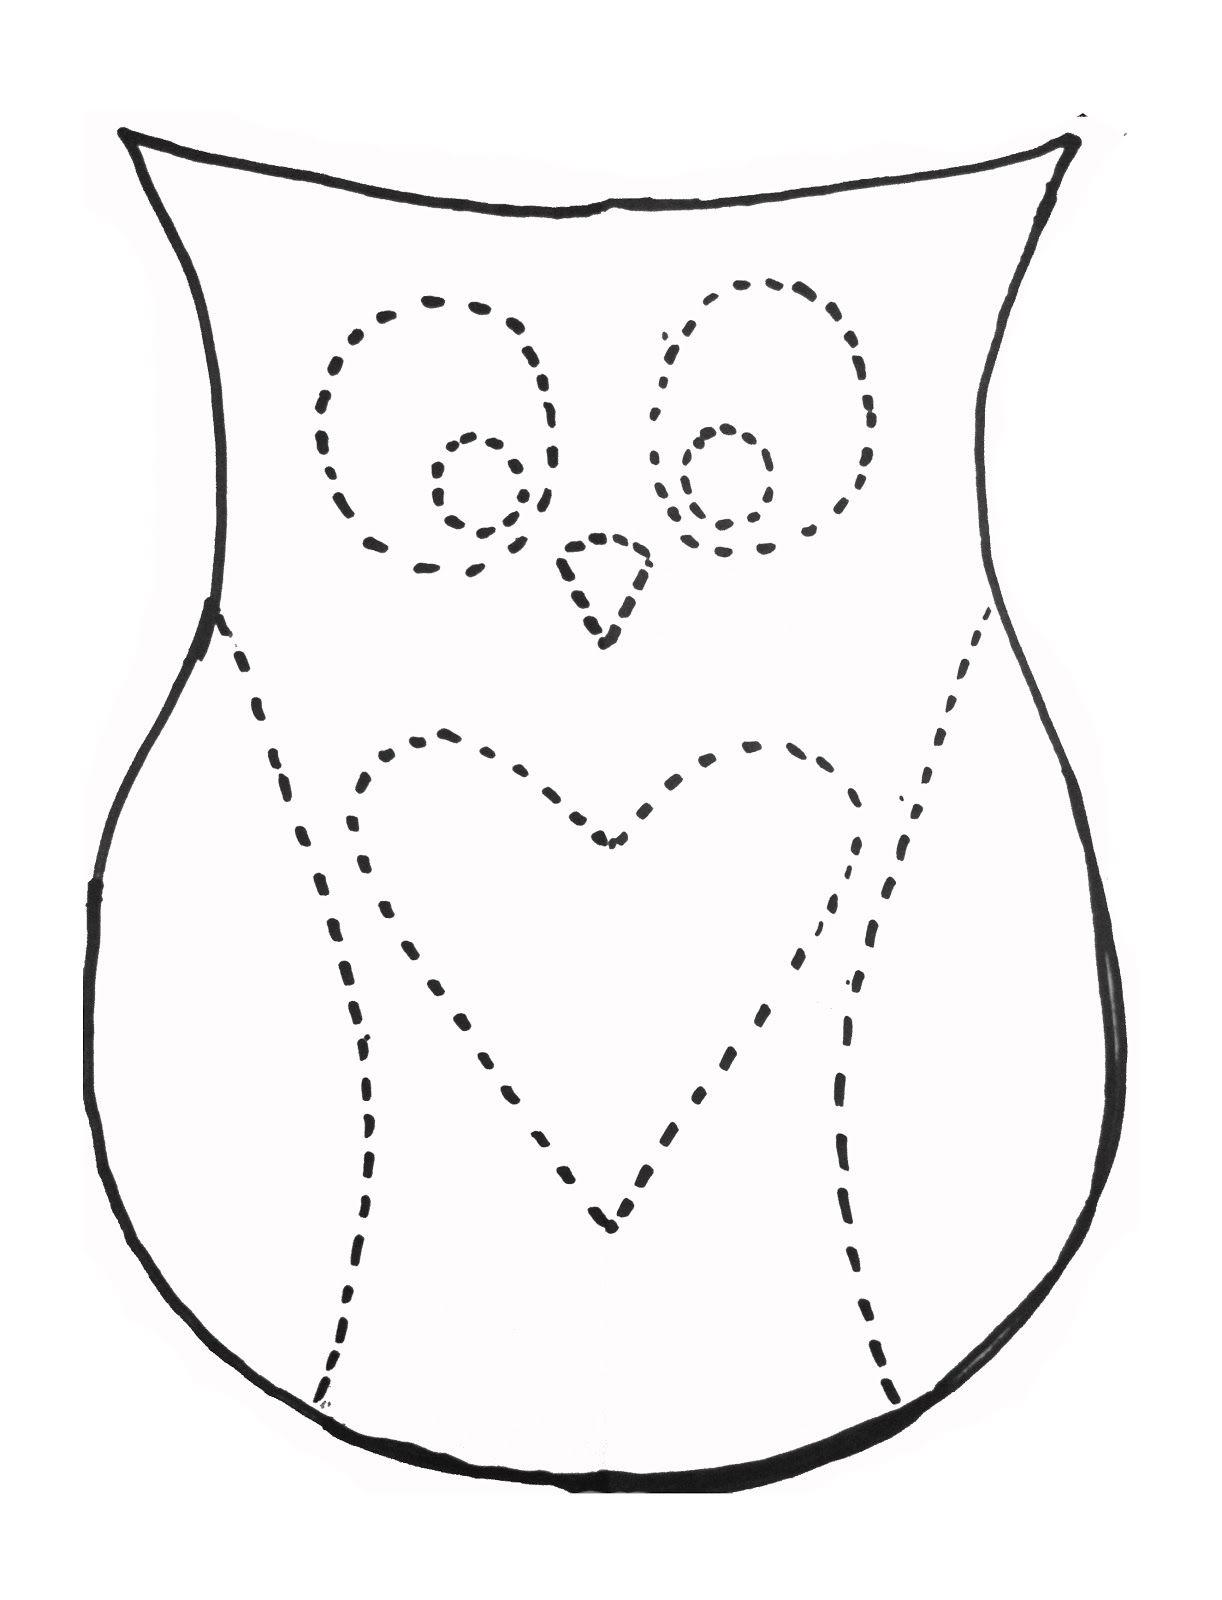 dan faires owl pillow template crafts pinterest owl pillow